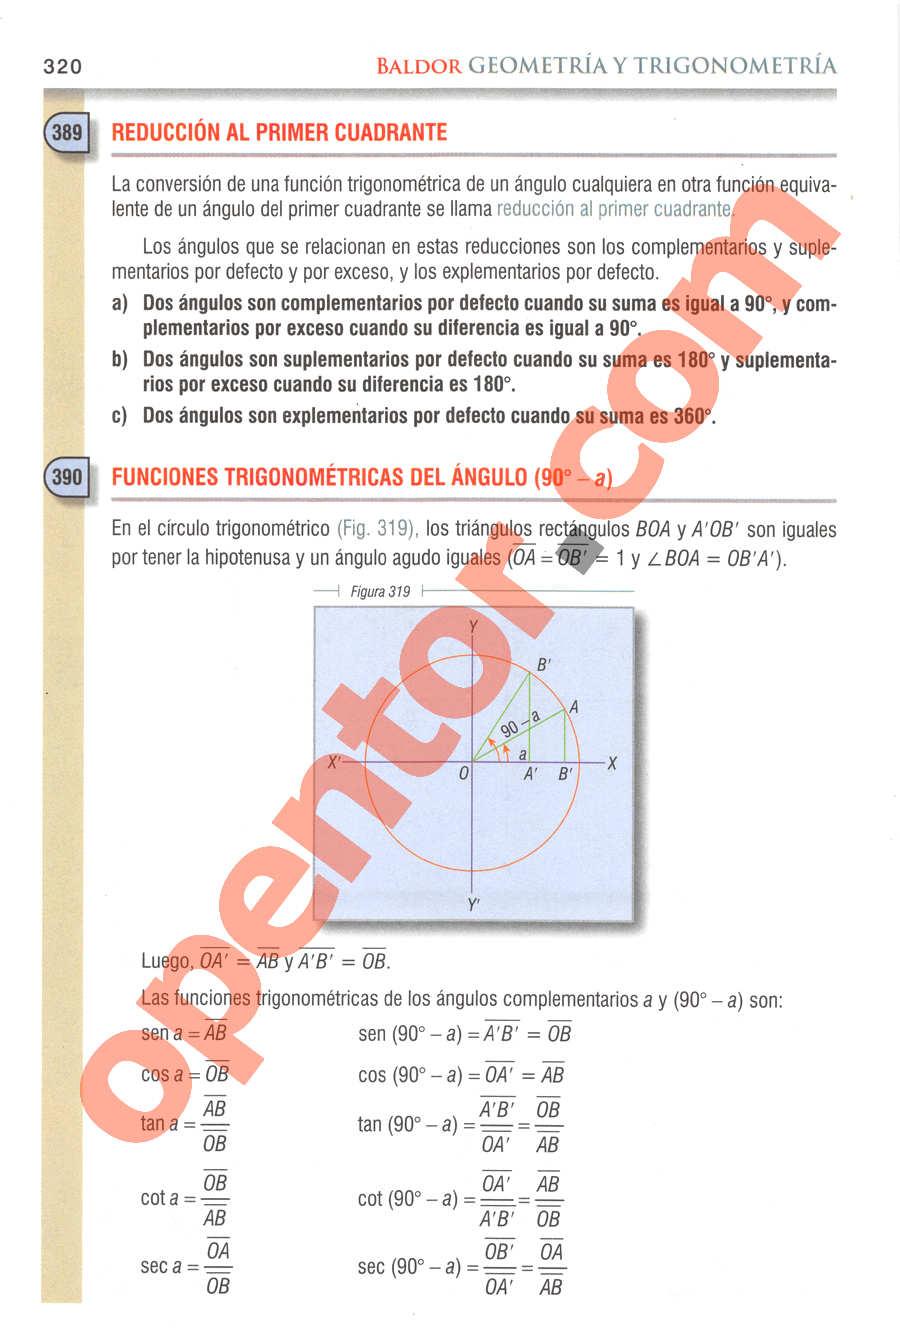 Geometría y Trigonometría de Baldor - Página 318